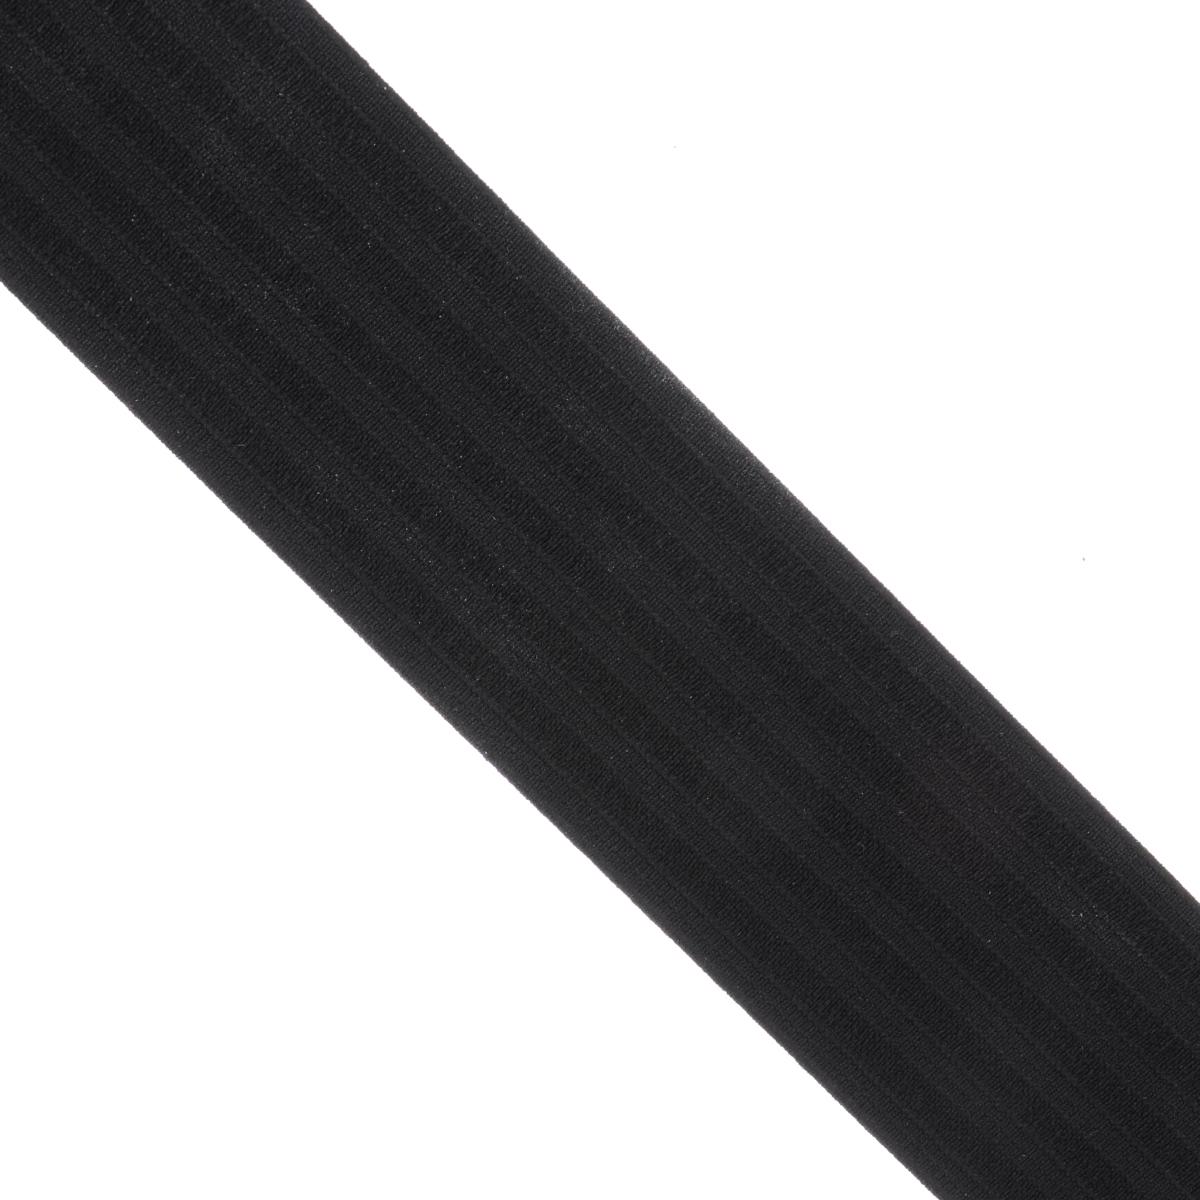 Лента эластичная Prym, для уплотнения шва, цвет: черный, ширина 5 см, длина 10 м693546Эластичная лента Prym предназначена для уплотнения шва. Выполнена из полиэстера (80%) и эластомера (20%). Ткань прочная, стабильная, облегчает равномерное притачивание внутренней отделки.Длина ленты: 10 м.Ширина ленты: 5 см.